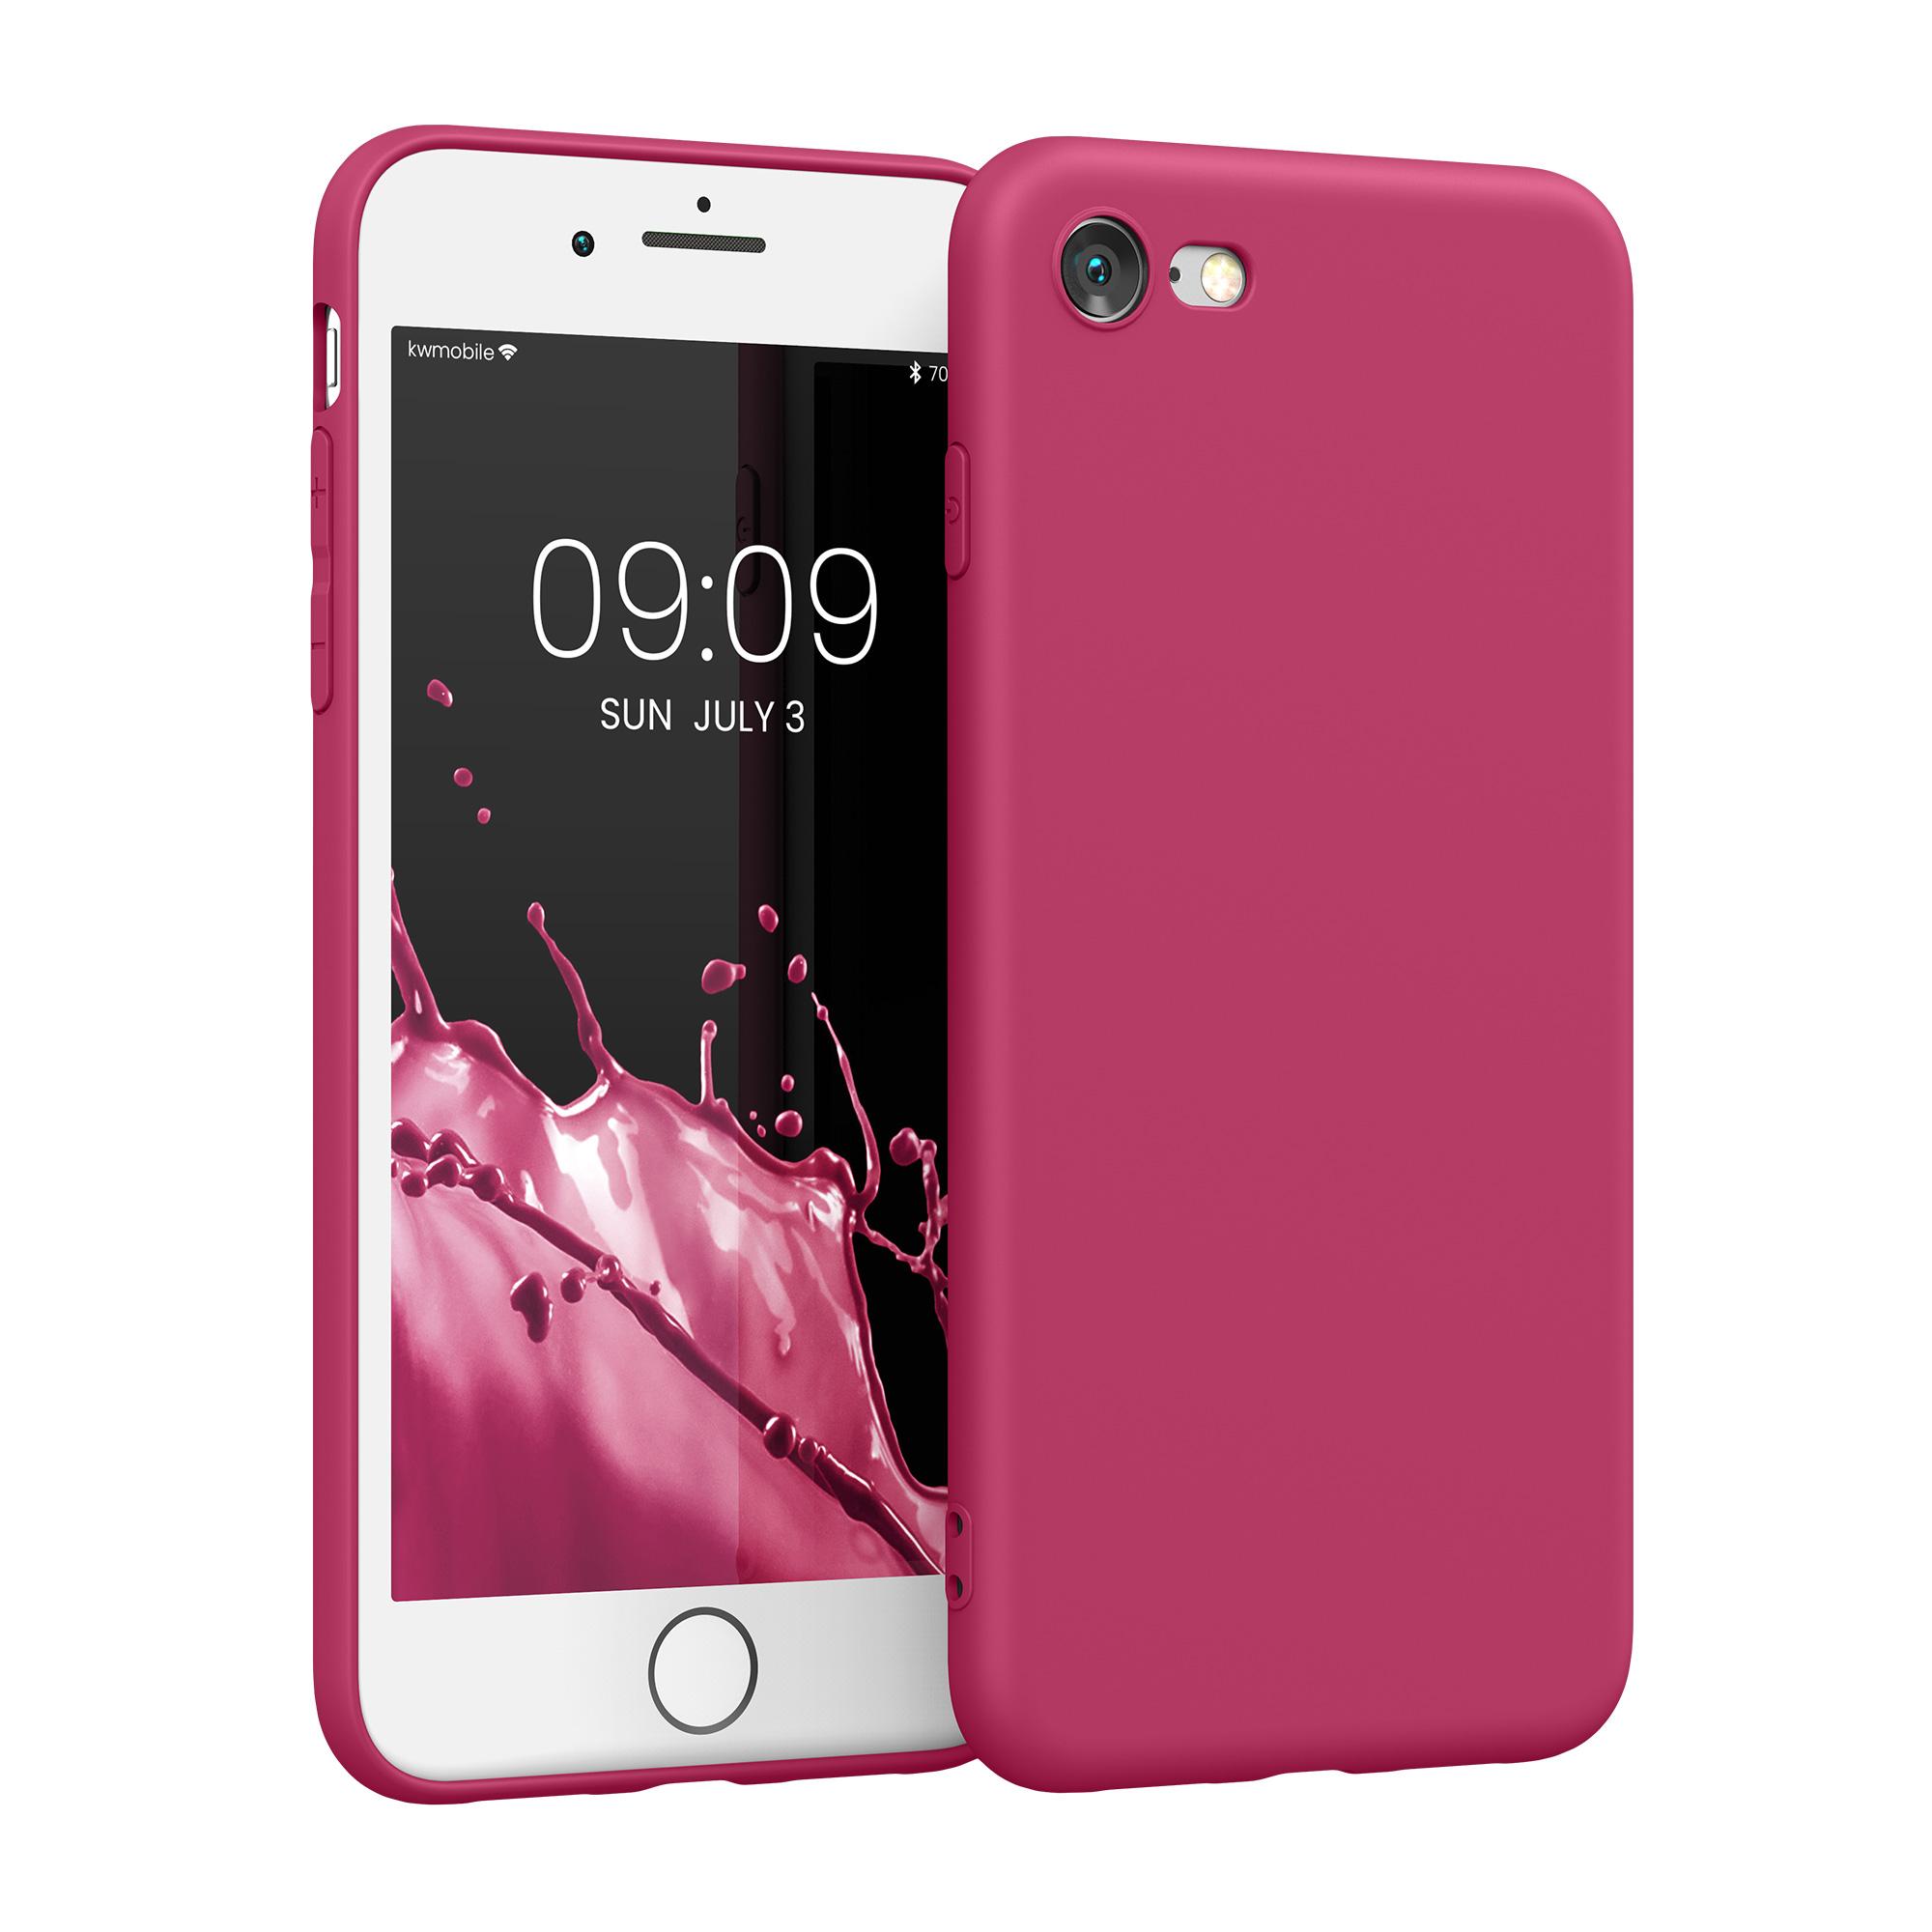 Kvalitní silikonové TPU pouzdro pro Apple iPhone 7 / 8 / SE  - Pomegranate Red